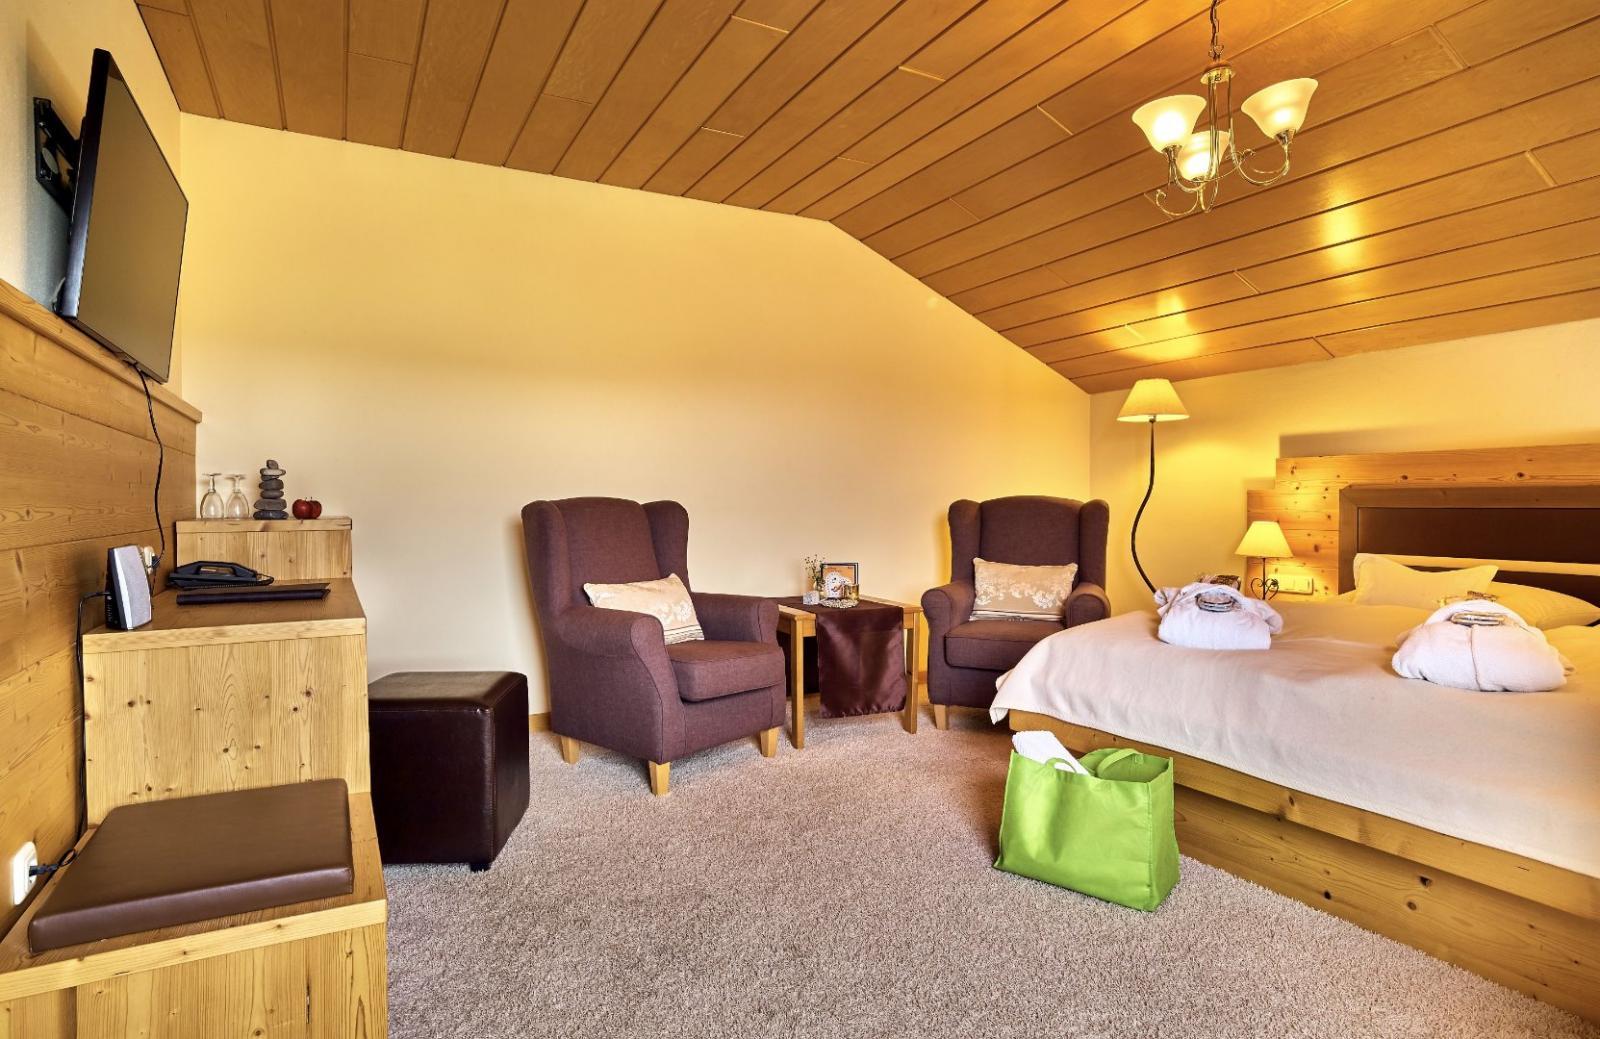 Irisches Dampfbad: Foto vom Wellnesshotel Wellness und Wohlfühlhotel St. Gunther   Wellness Bayerischer Wald